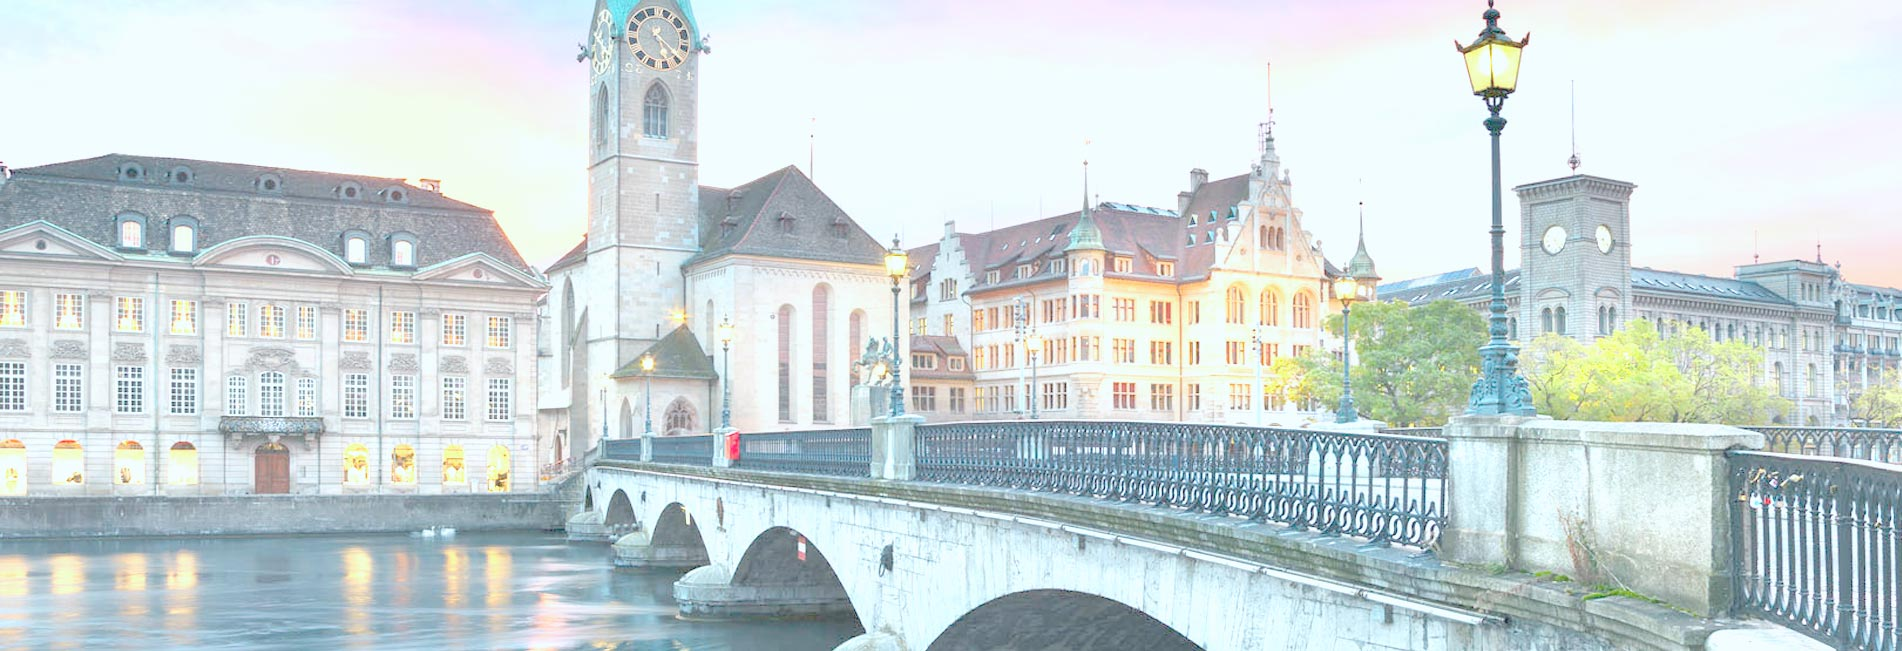 Imparare il tedesco a Zurigo